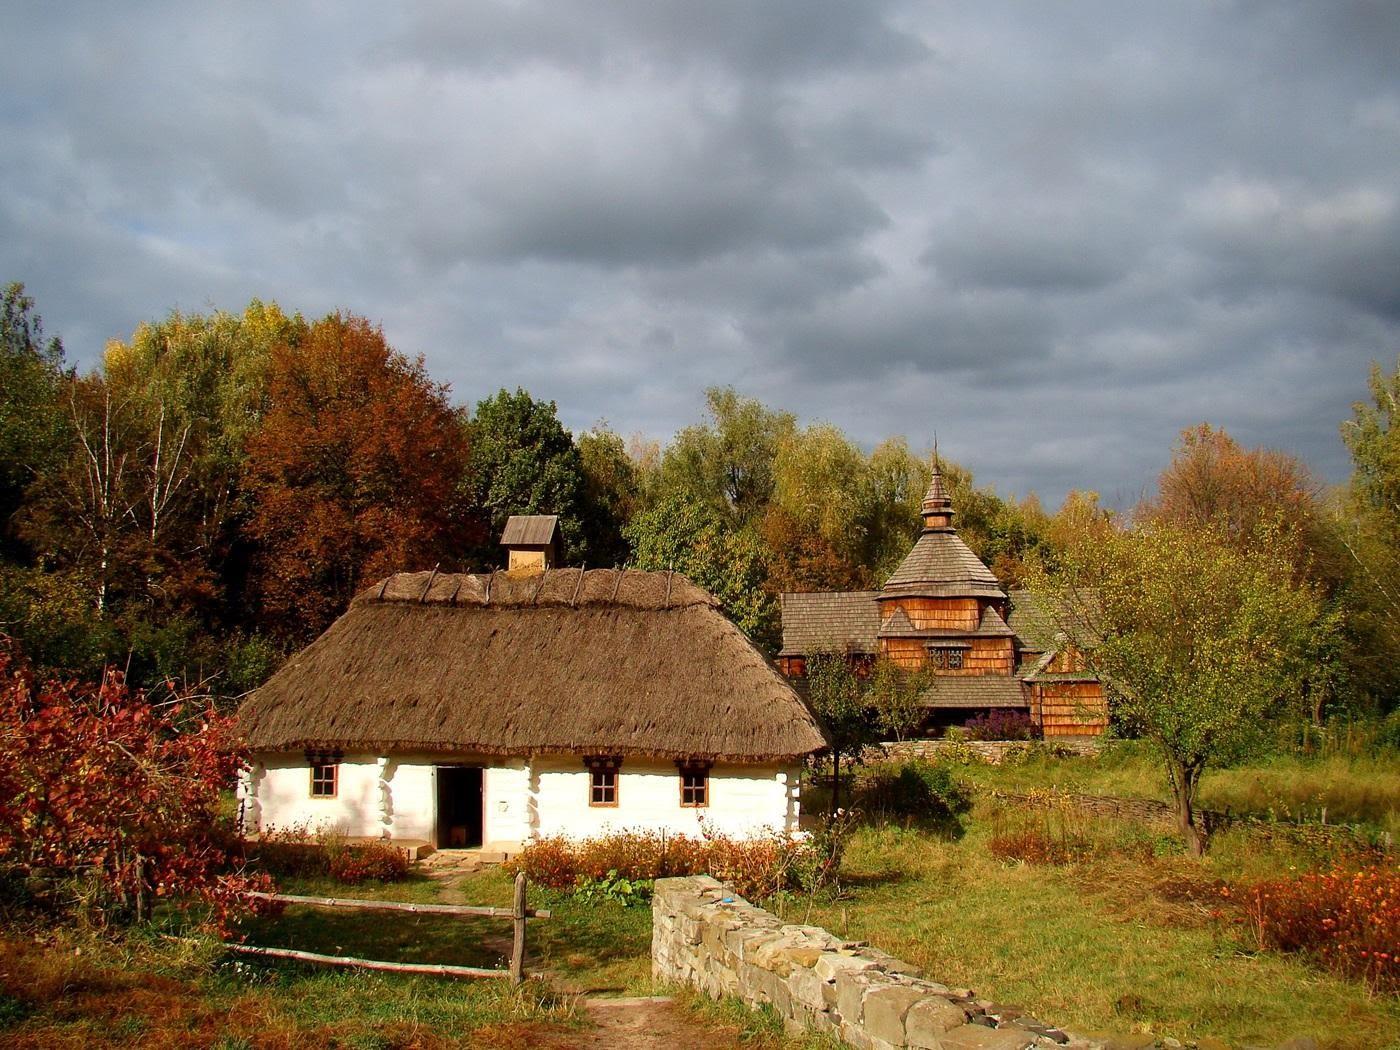 Полюбоваться красотой мельниц и украинских хат в Пирогово